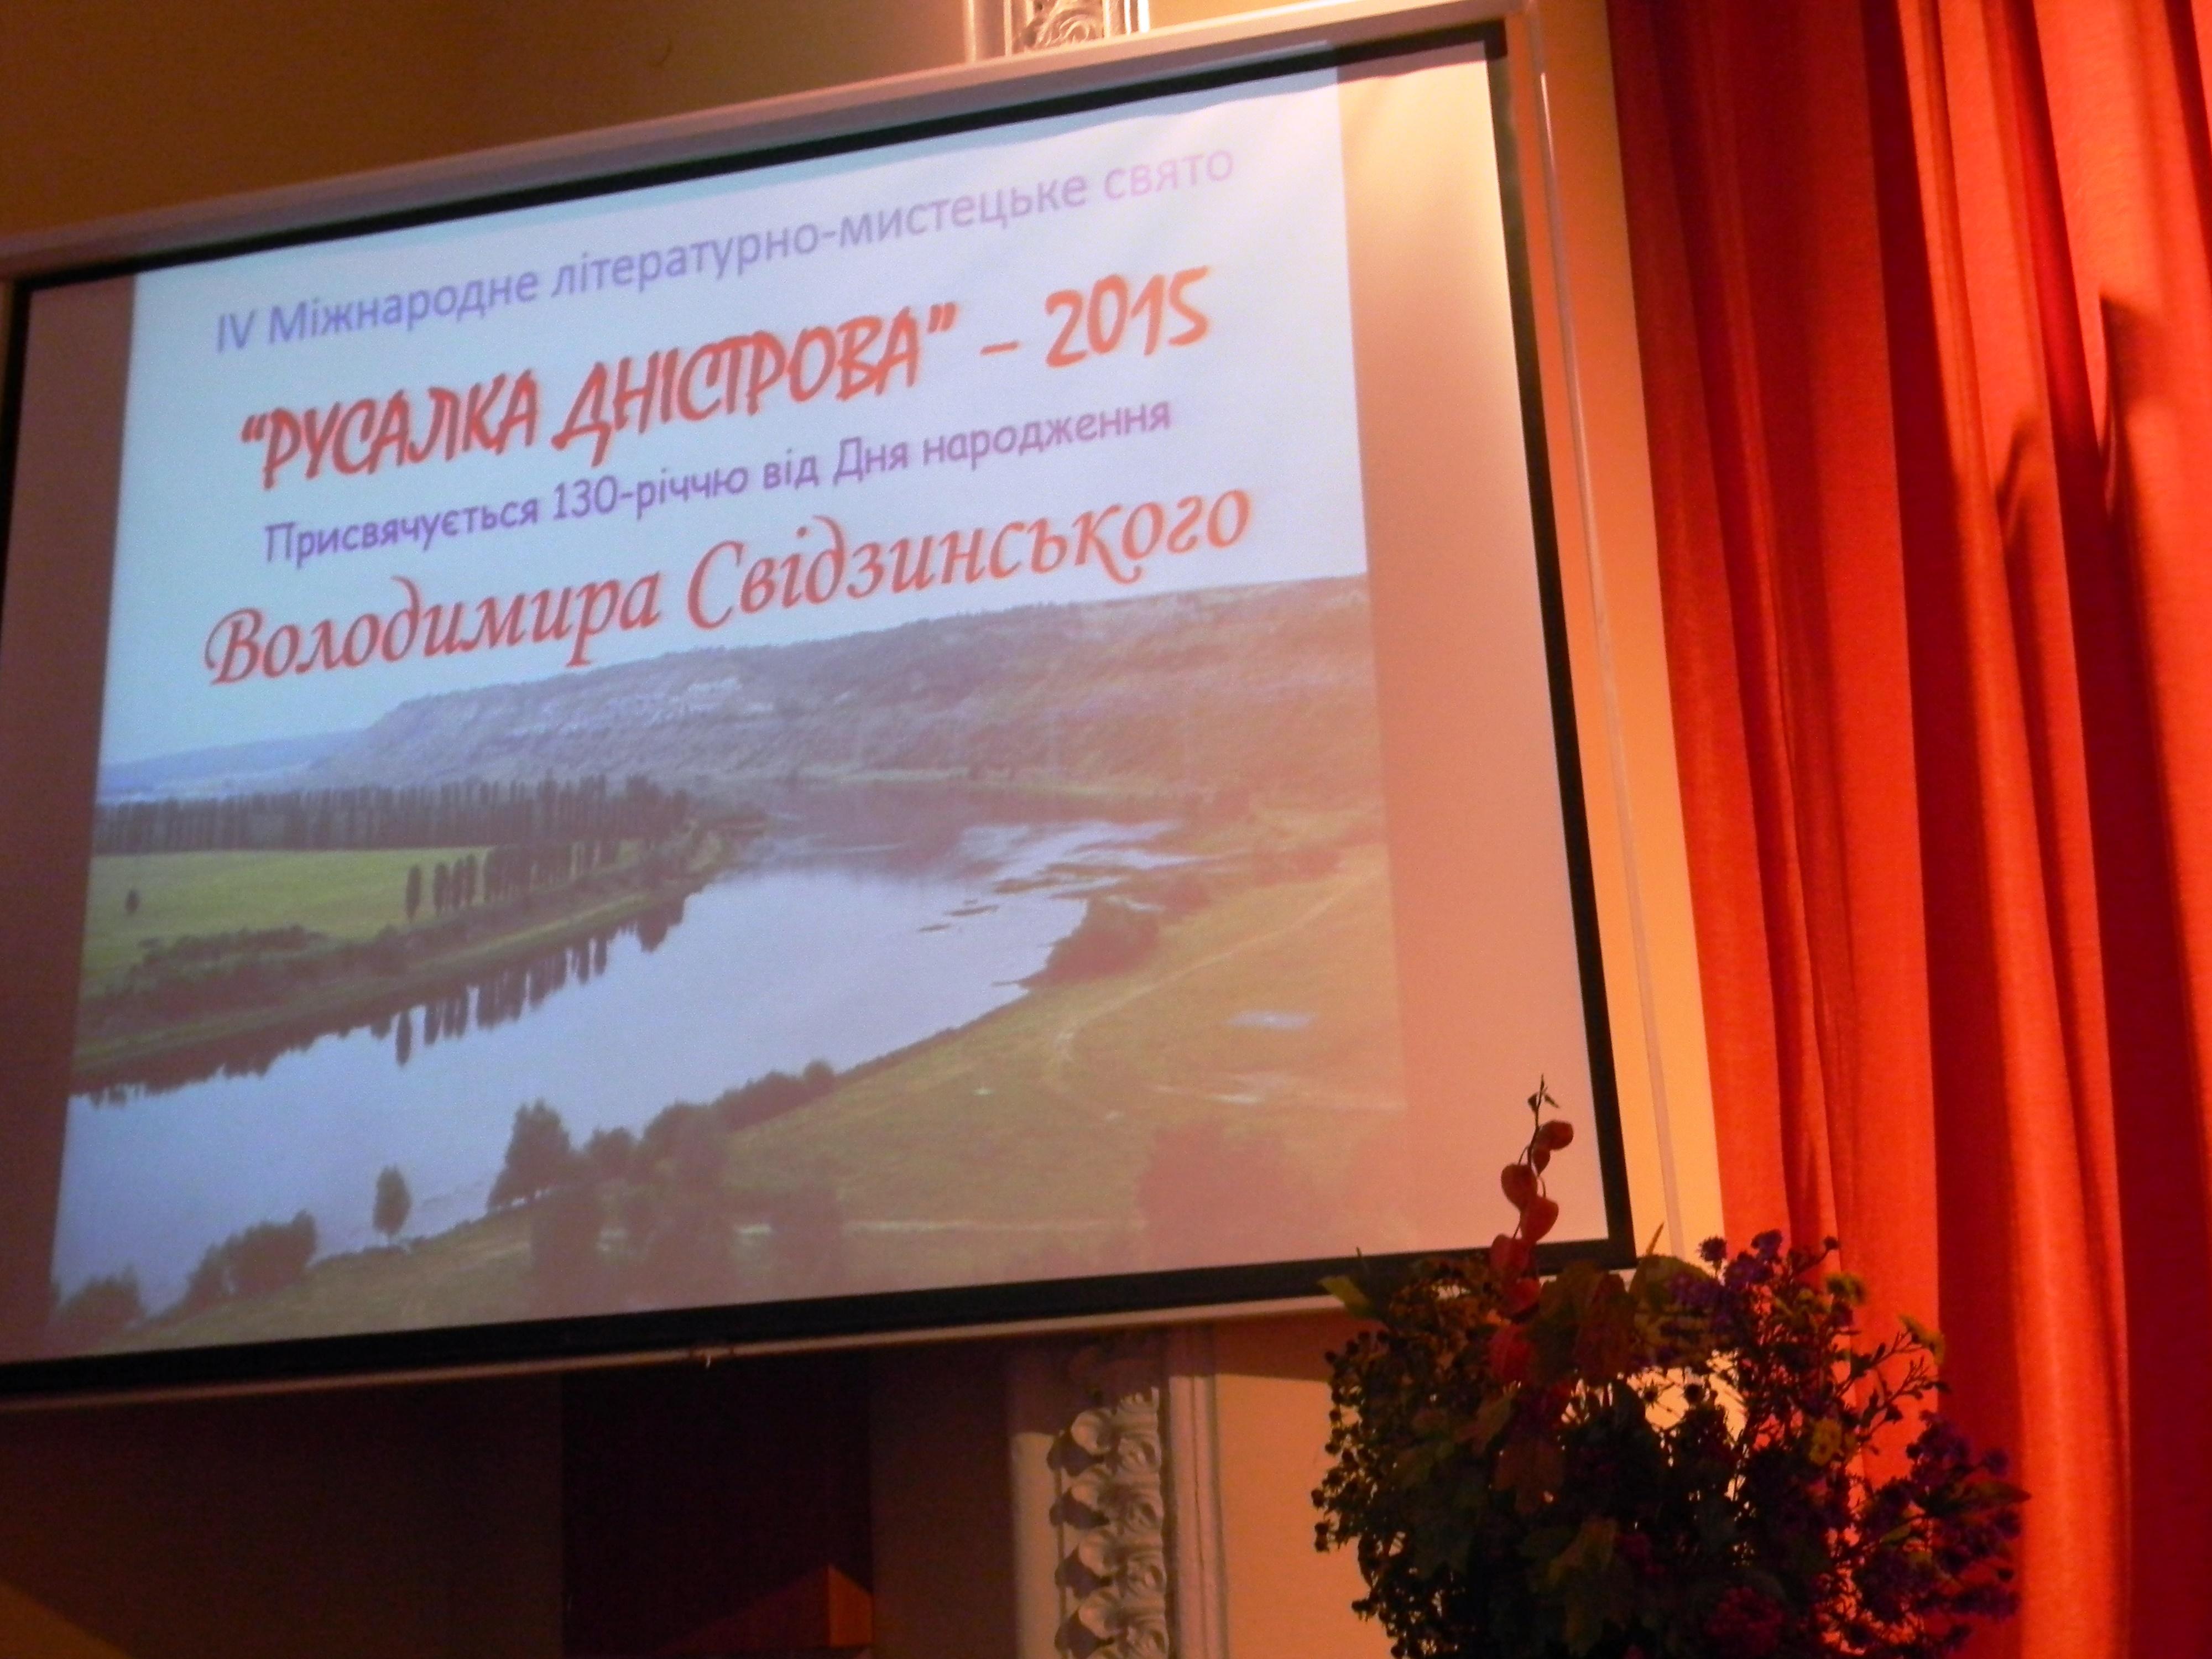 Русалка Дністрова в Тиврові